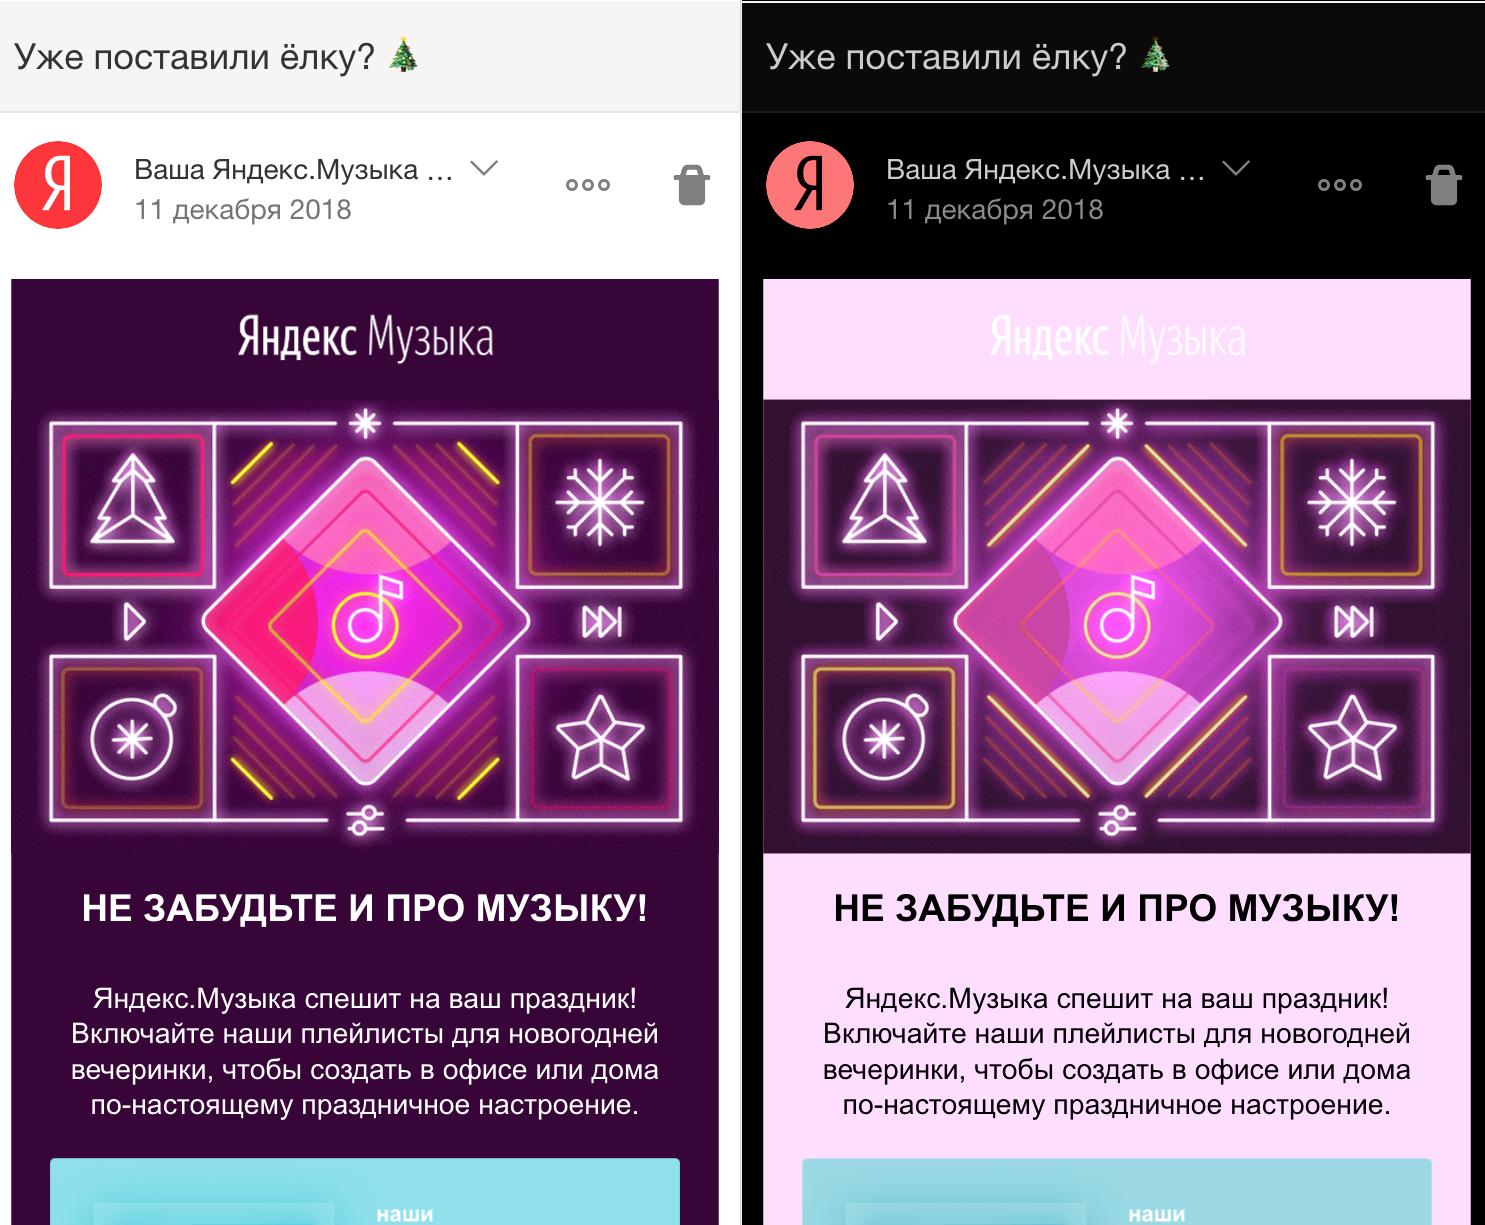 Как создать тёмную тему и не навредить. Опыт команды Яндекс.Почты - 4